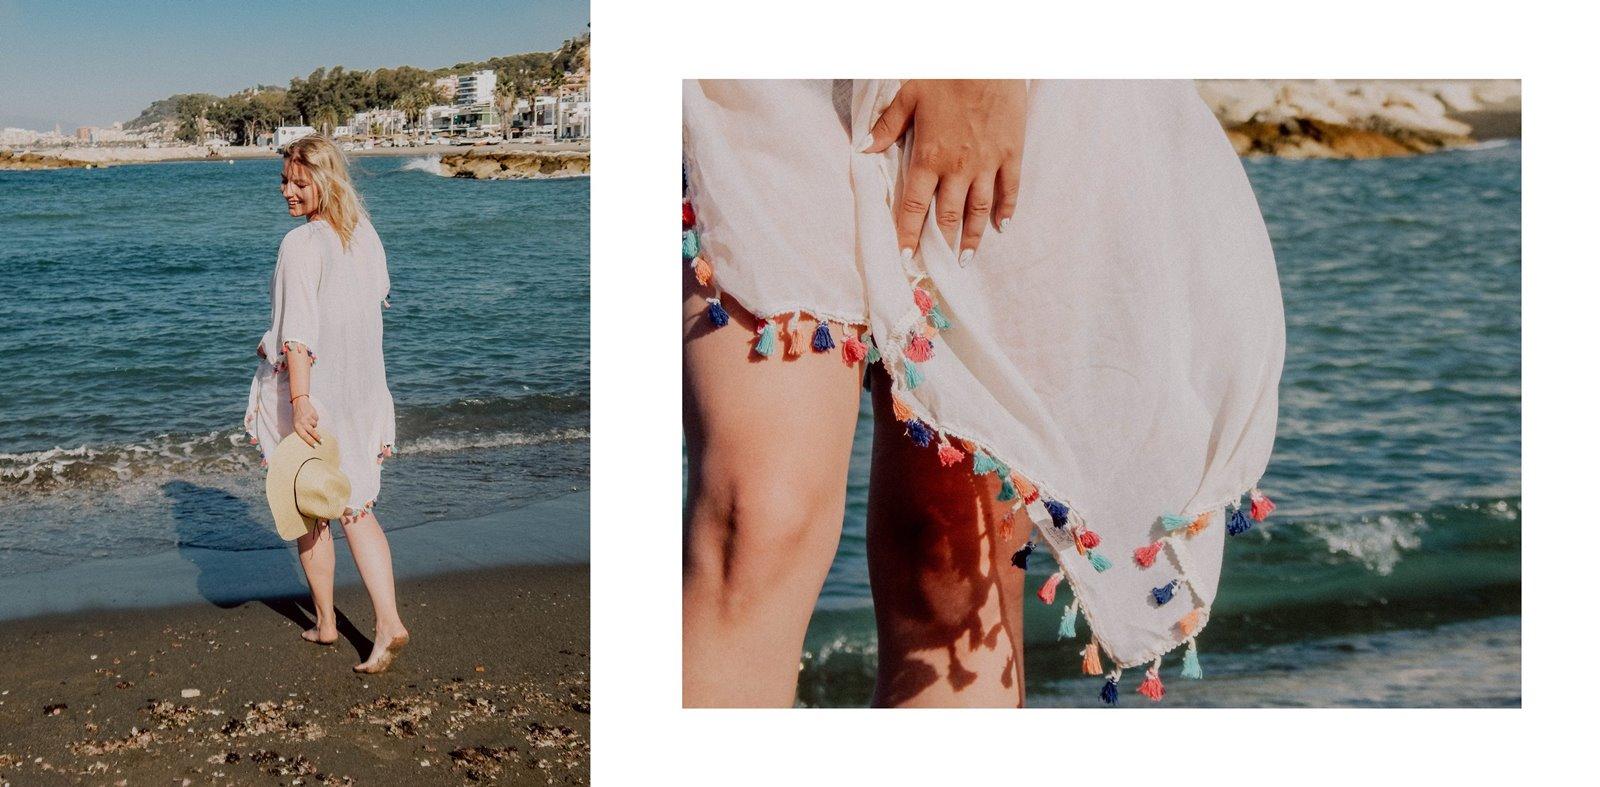 7A szaleo wakacje w maladze malaga jak spędzić wakacje co zobaczyć stylizacja na plaże pareo składany kapelusz słomkowy modne dodatki na wakacje na plażę z frędzlami z pomponami hiszpania polski kraj język ceny outfit